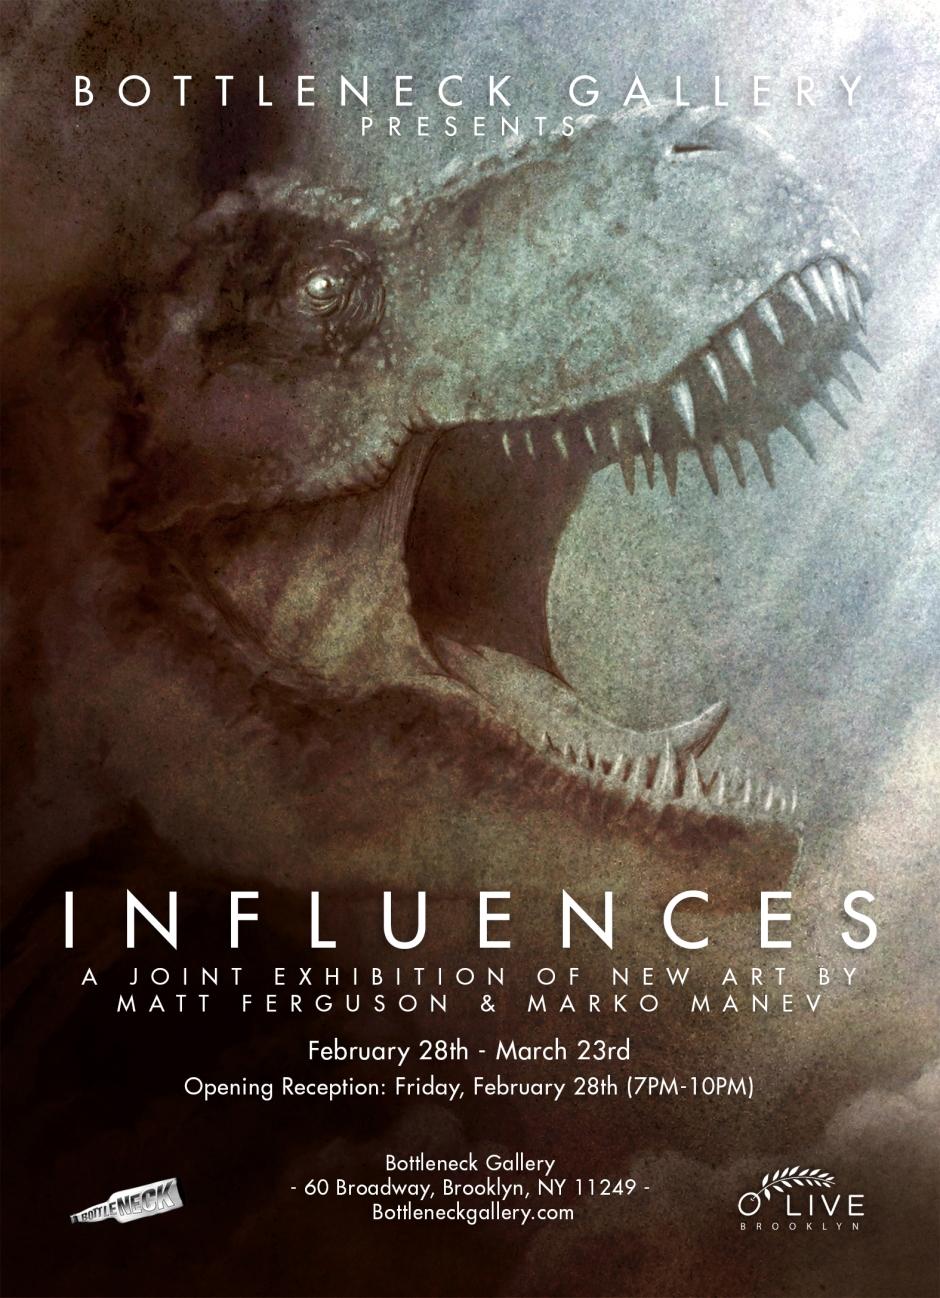 INFLUENCES_FLYER